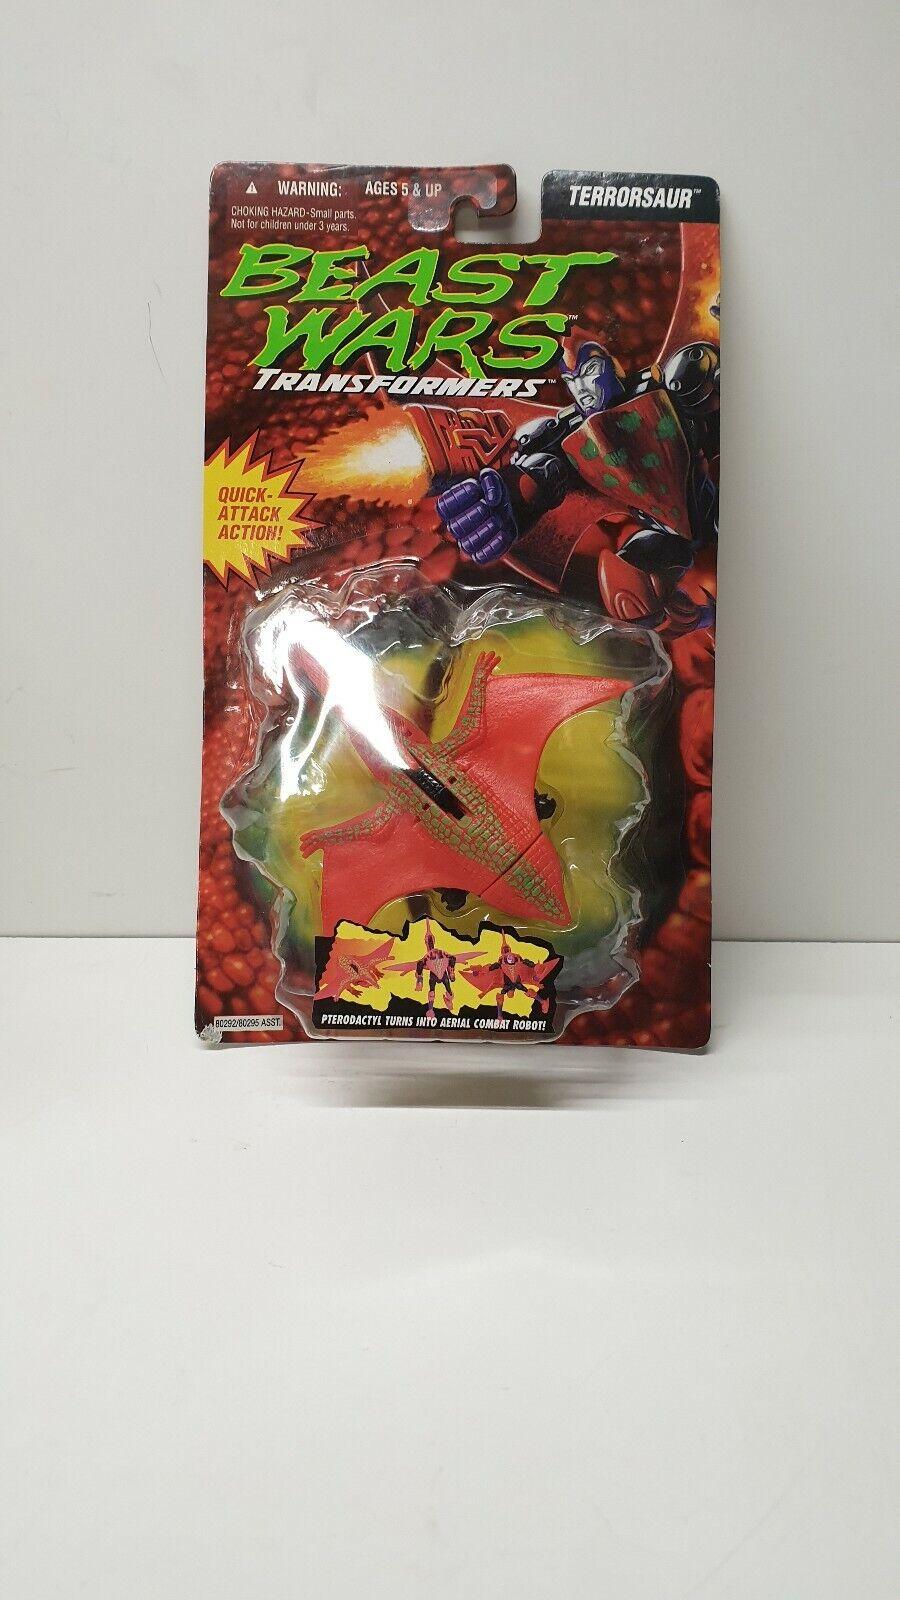 Beast guerras Transformers TERRORSAUR 1996